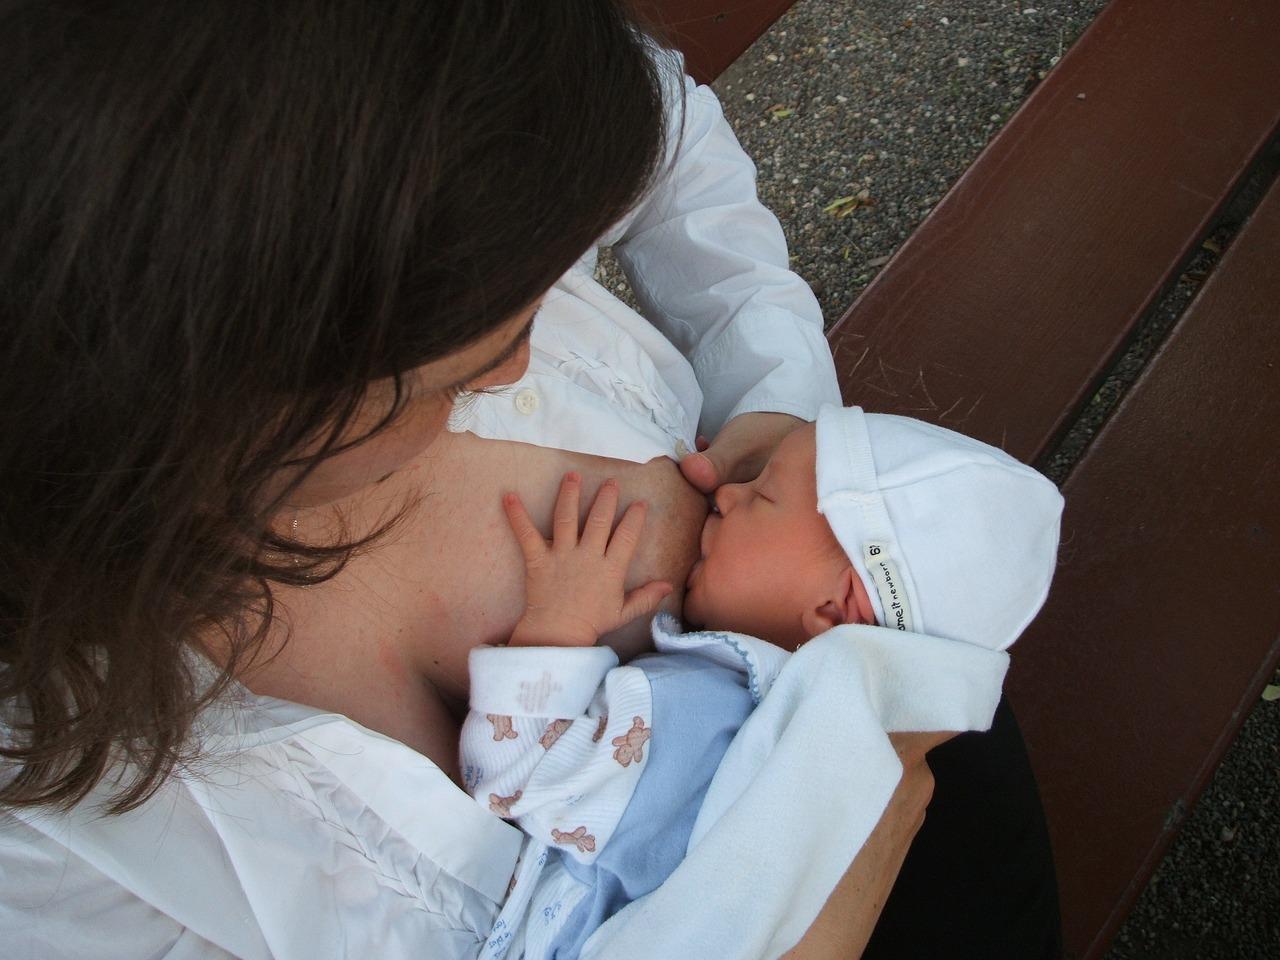 польза грудного вскармливания для матери и ребенка, преимущества кормления грудью